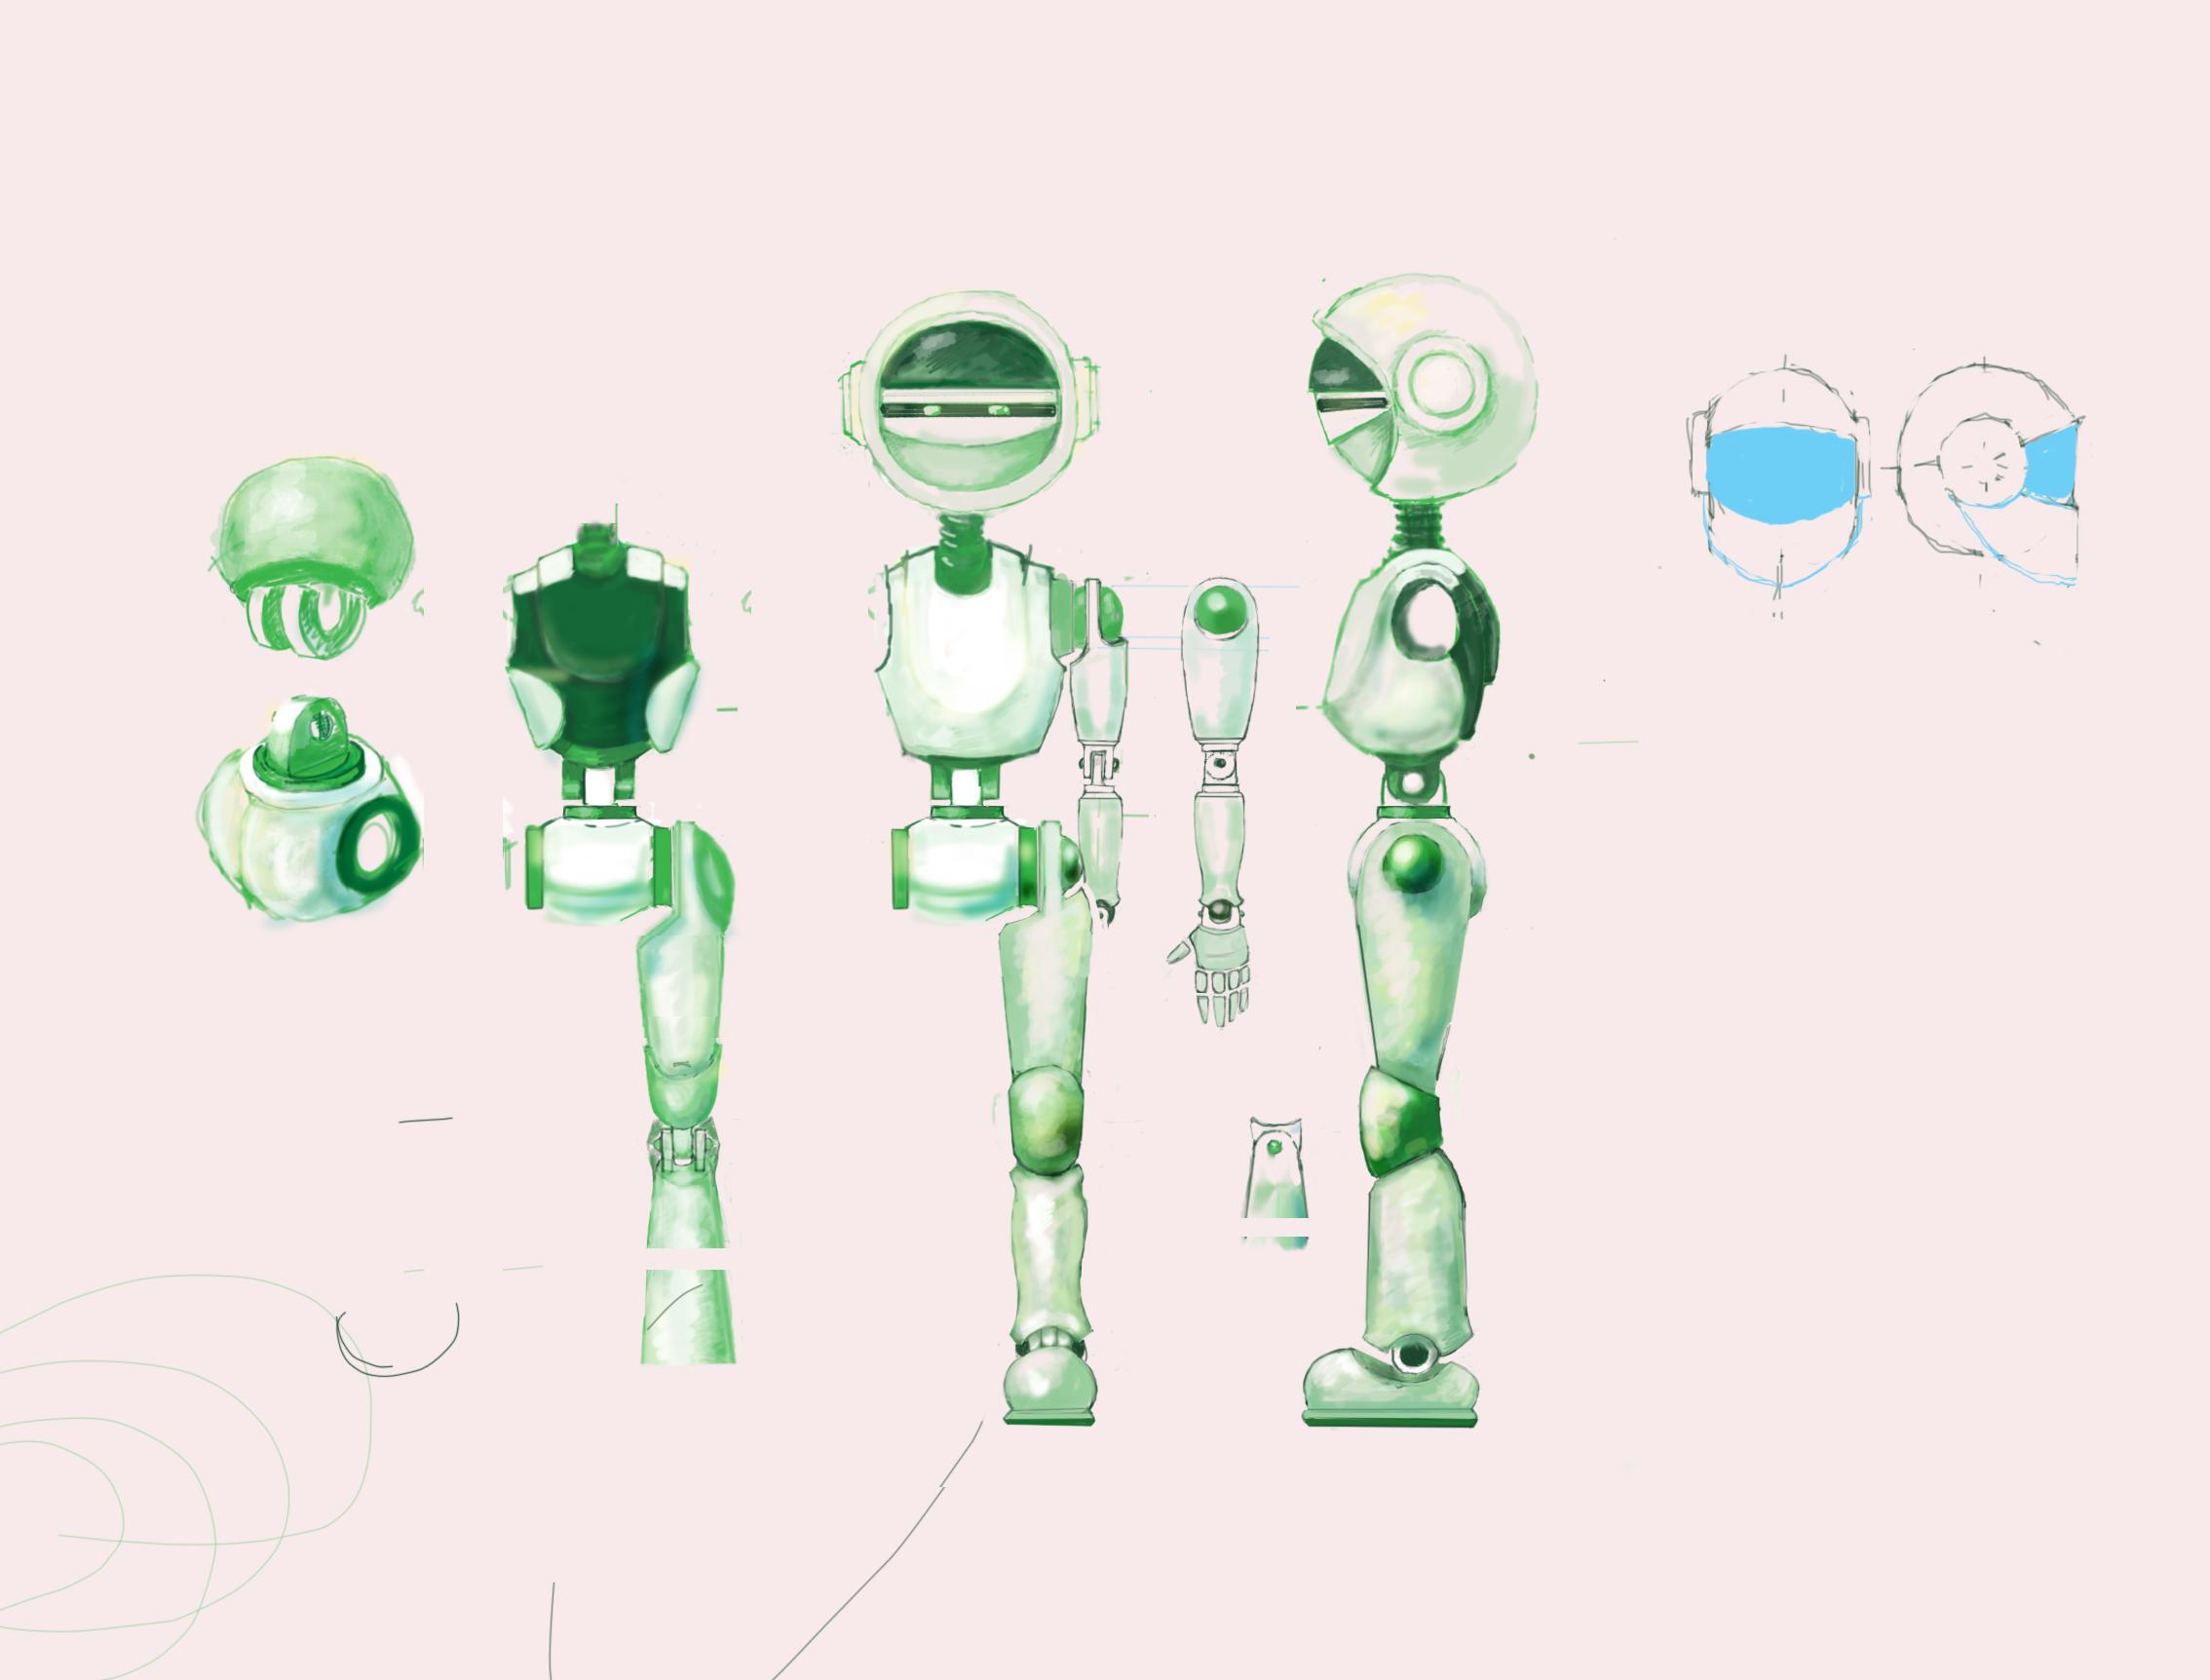 """Модель Робота - Ребёнка """"Роботёнок"""" фото f_4b872124efcc8.jpg"""